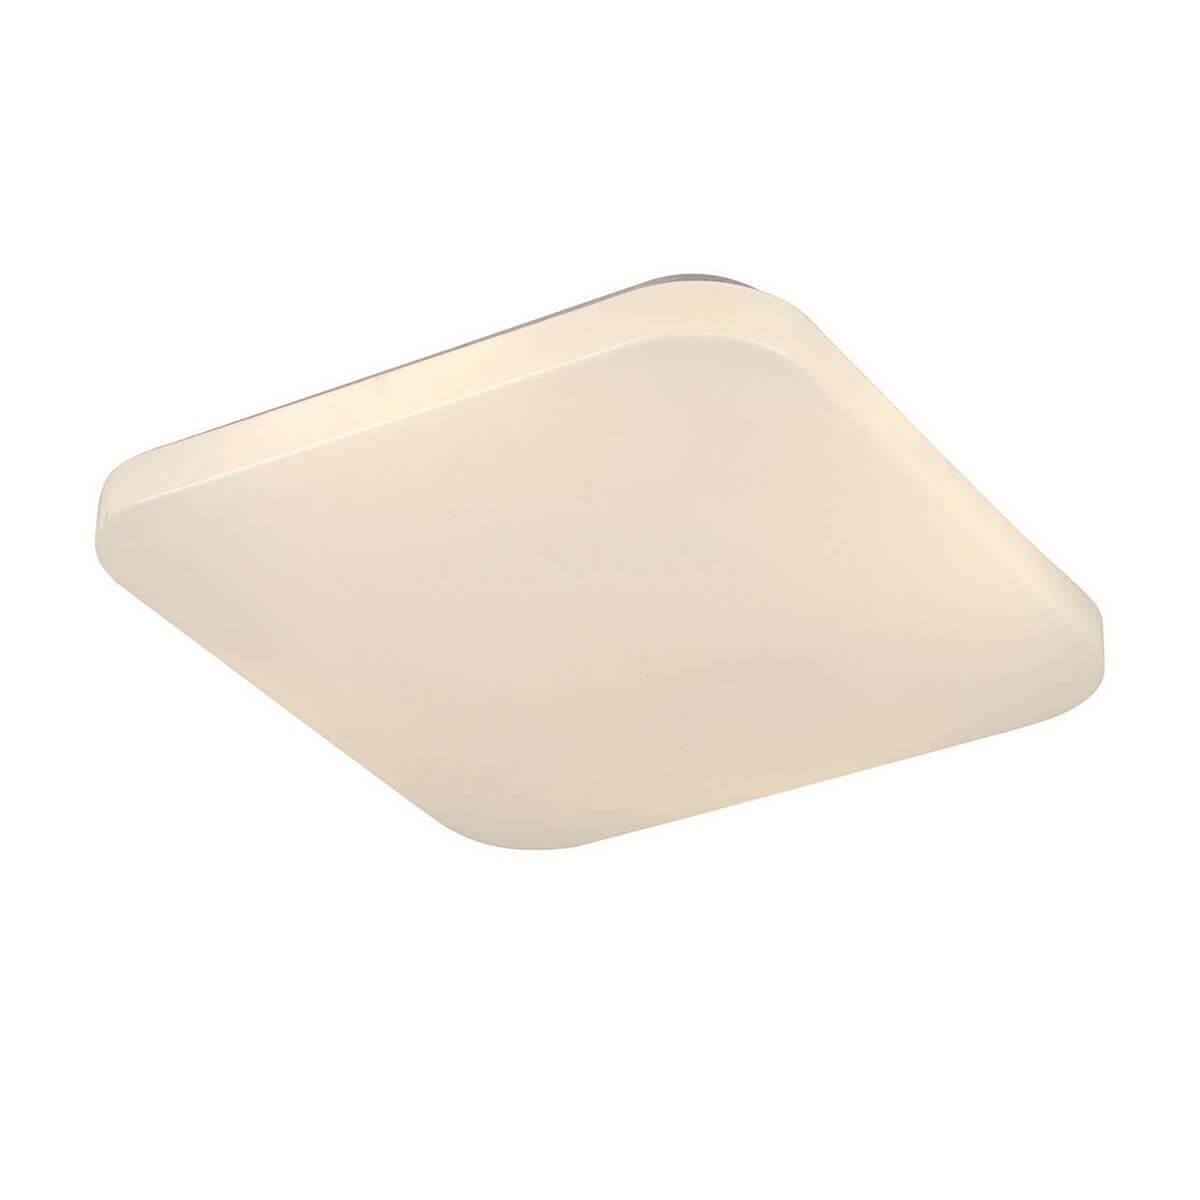 купить Потолочный светодиодный светильник Mantra Quatro II 6241 онлайн